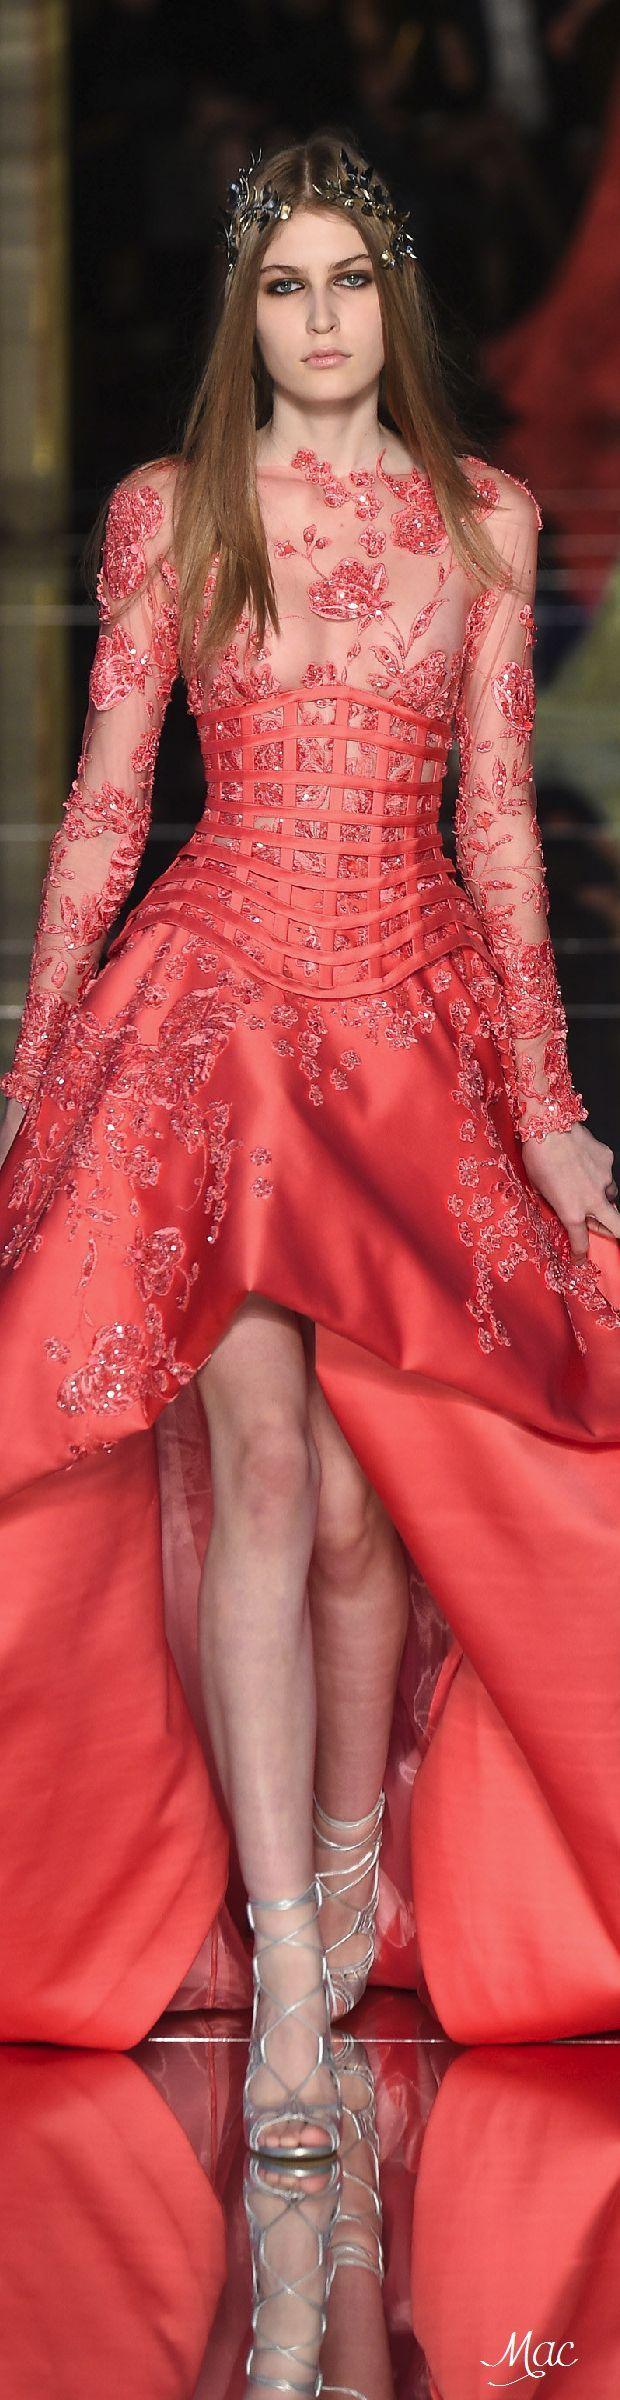 2.fashion wedding dresses | handbags